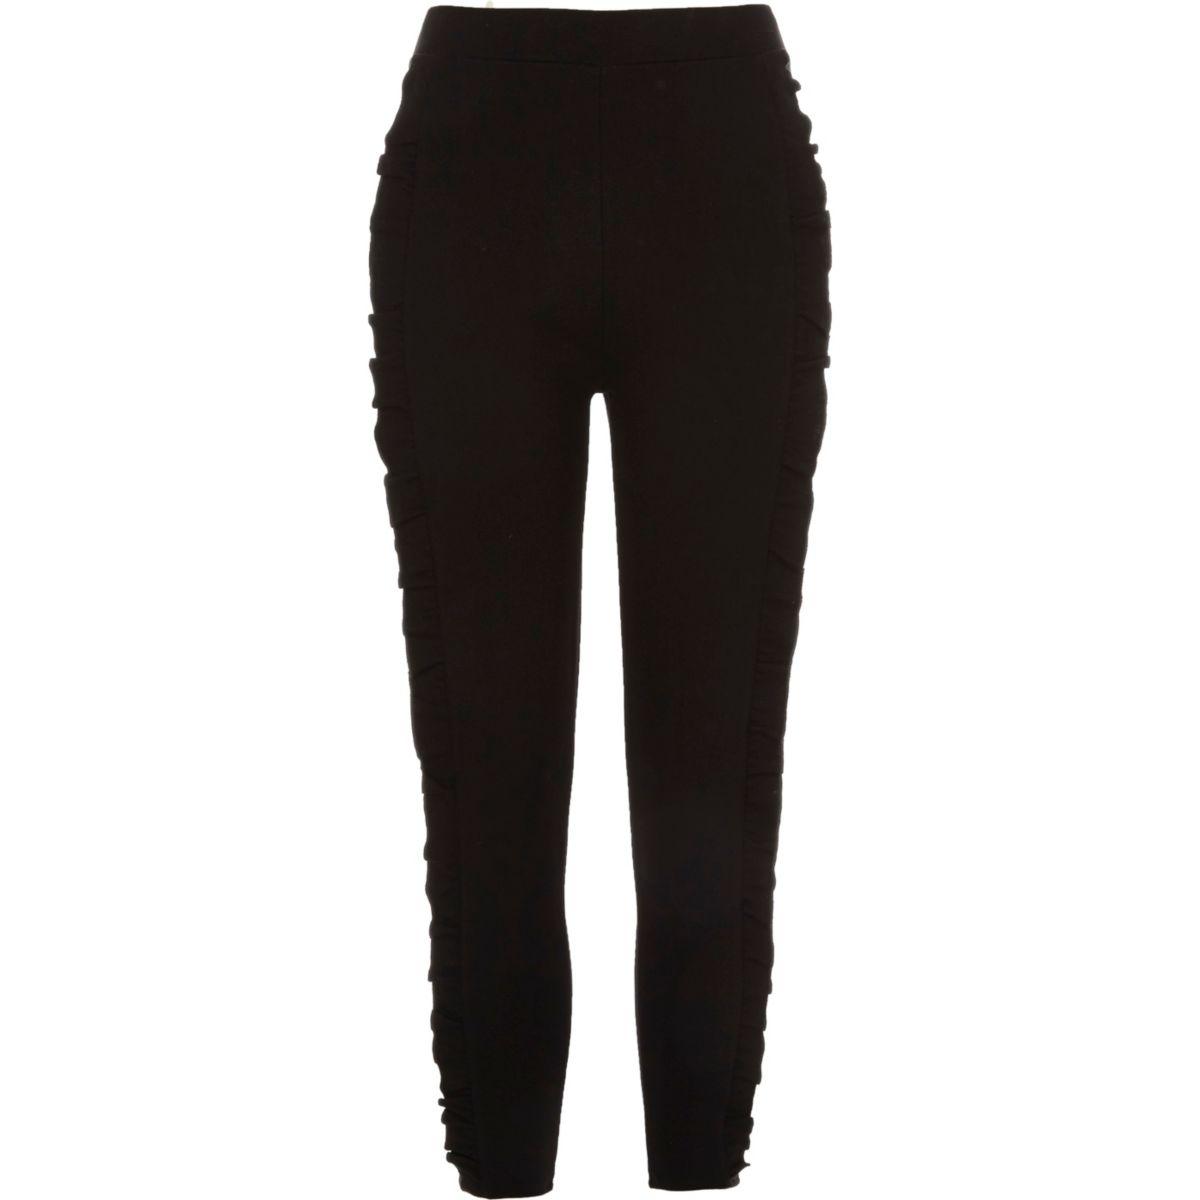 Black frill side ponte leggings